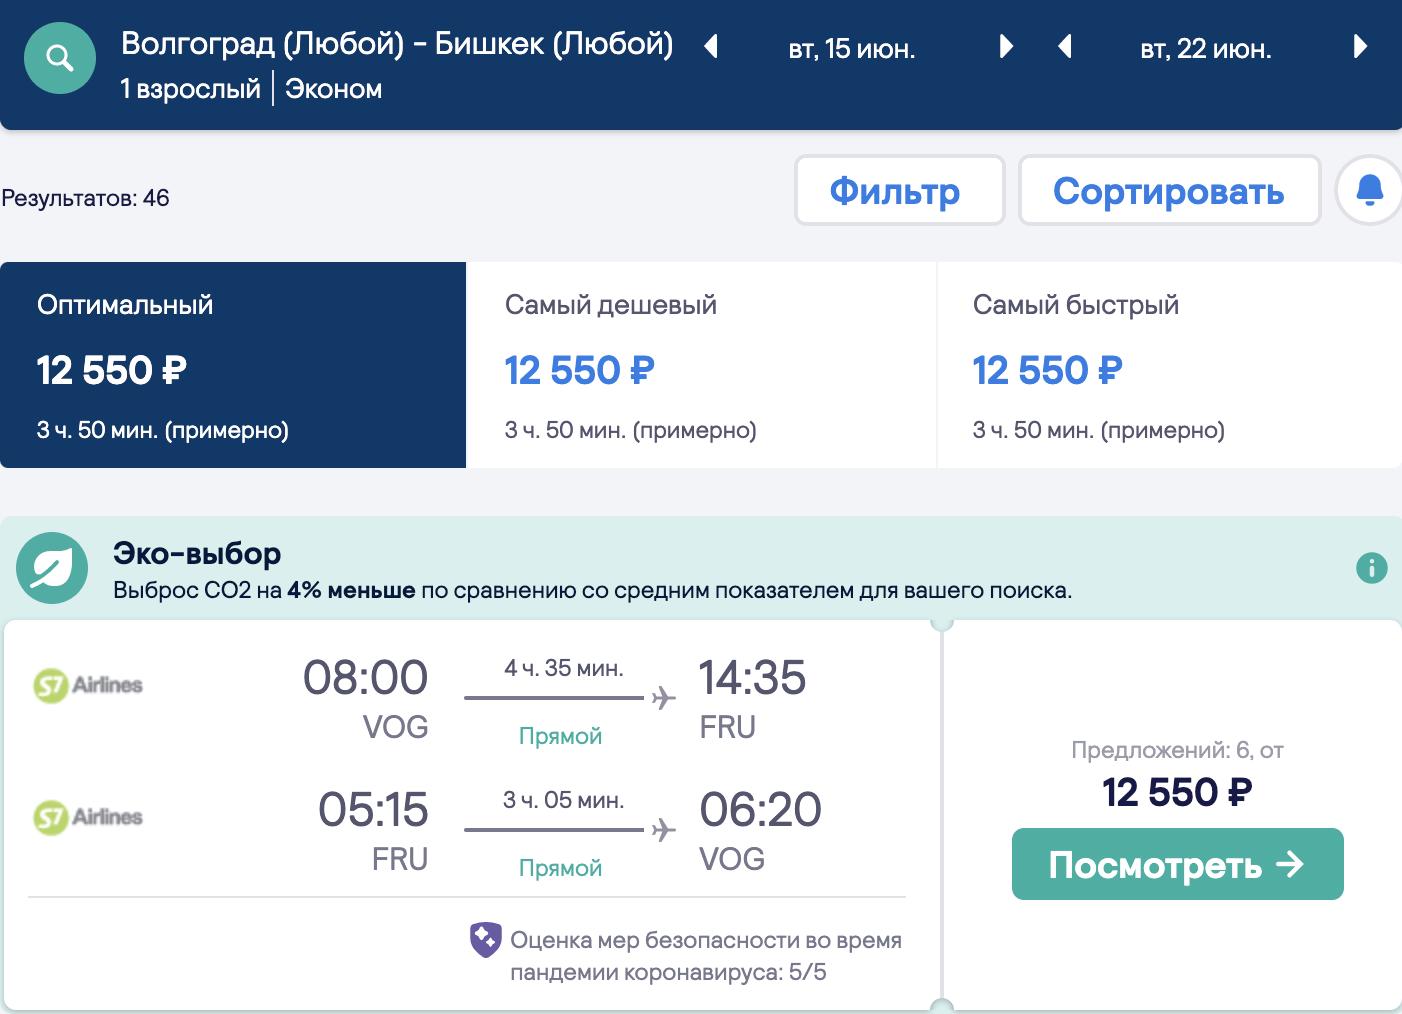 Летим из Н.Новгорода и Волгограда в Киргизию: билеты в Бишкек от 10600₽ туда-обратно